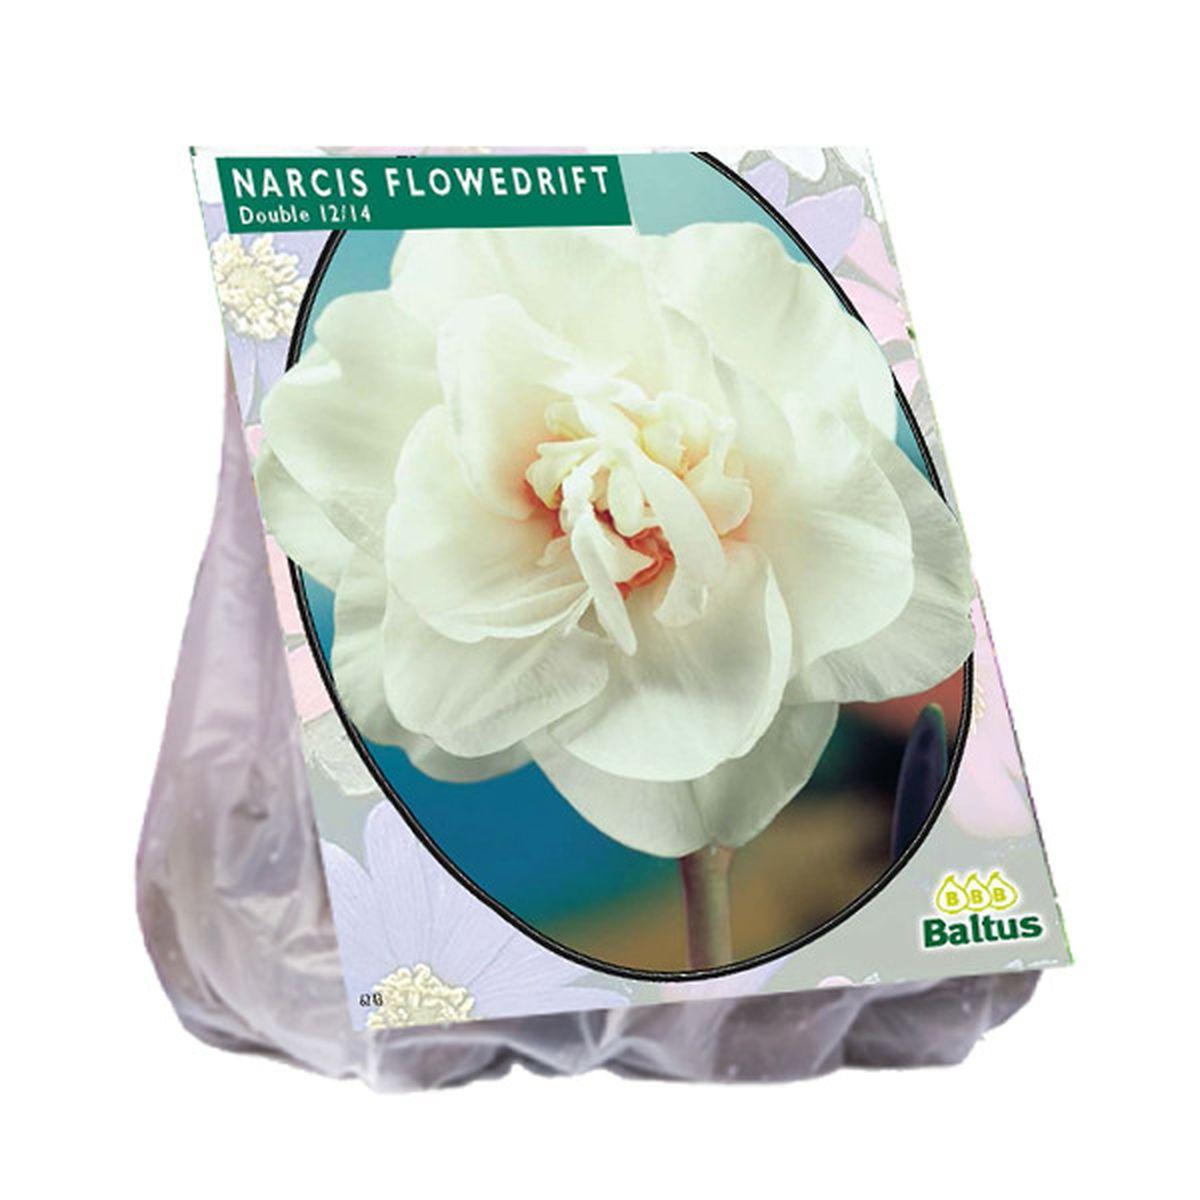 Narcis Flower Drift